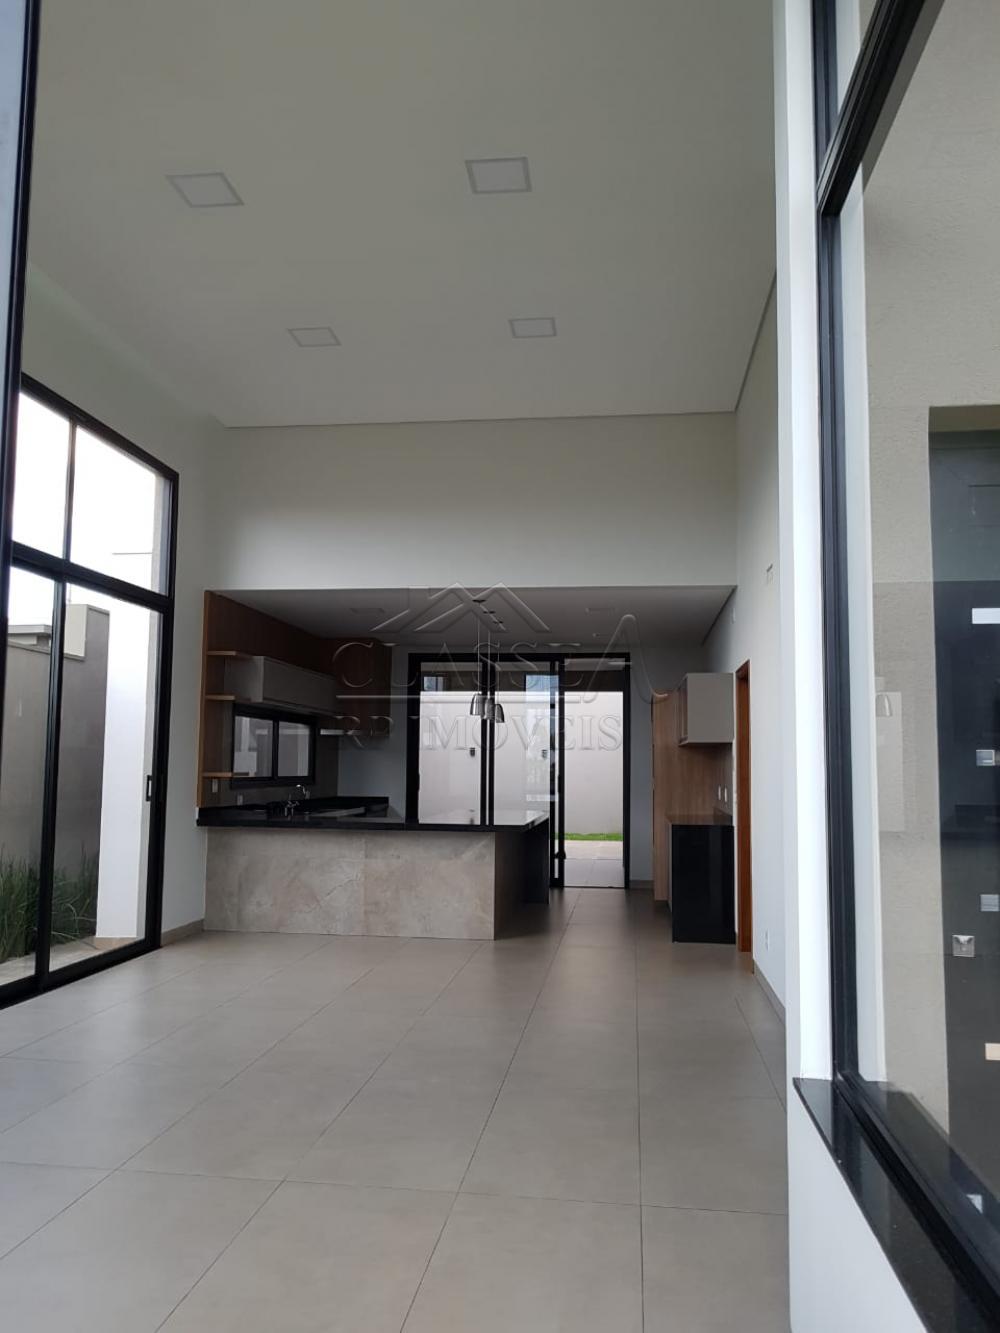 Comprar Casa / Condomínio - térrea em Ribeirão Preto R$ 1.280.000,00 - Foto 7